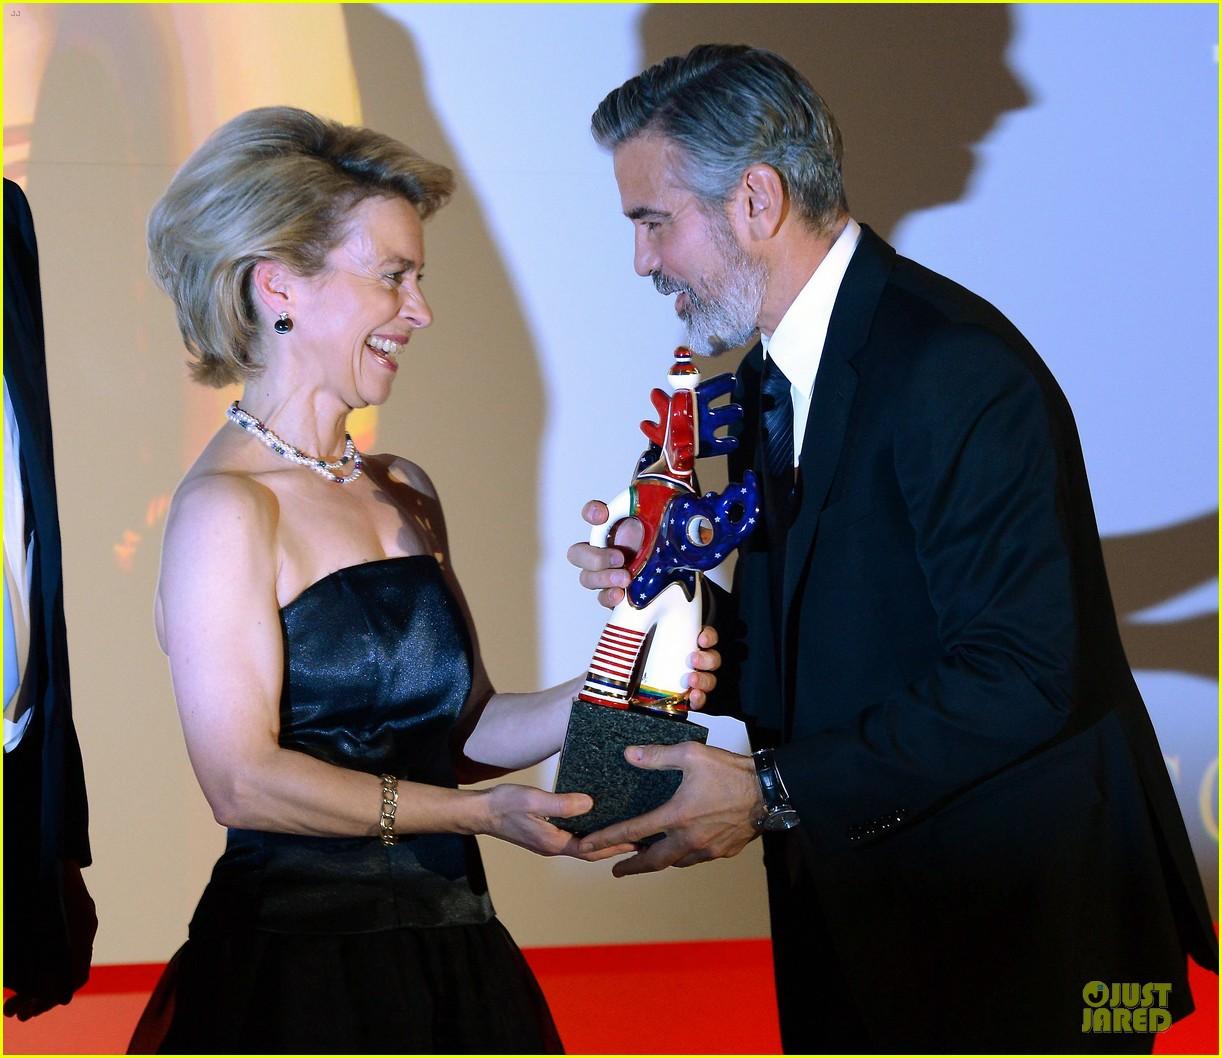 george clooney deutscher medienpreis award honoree 02